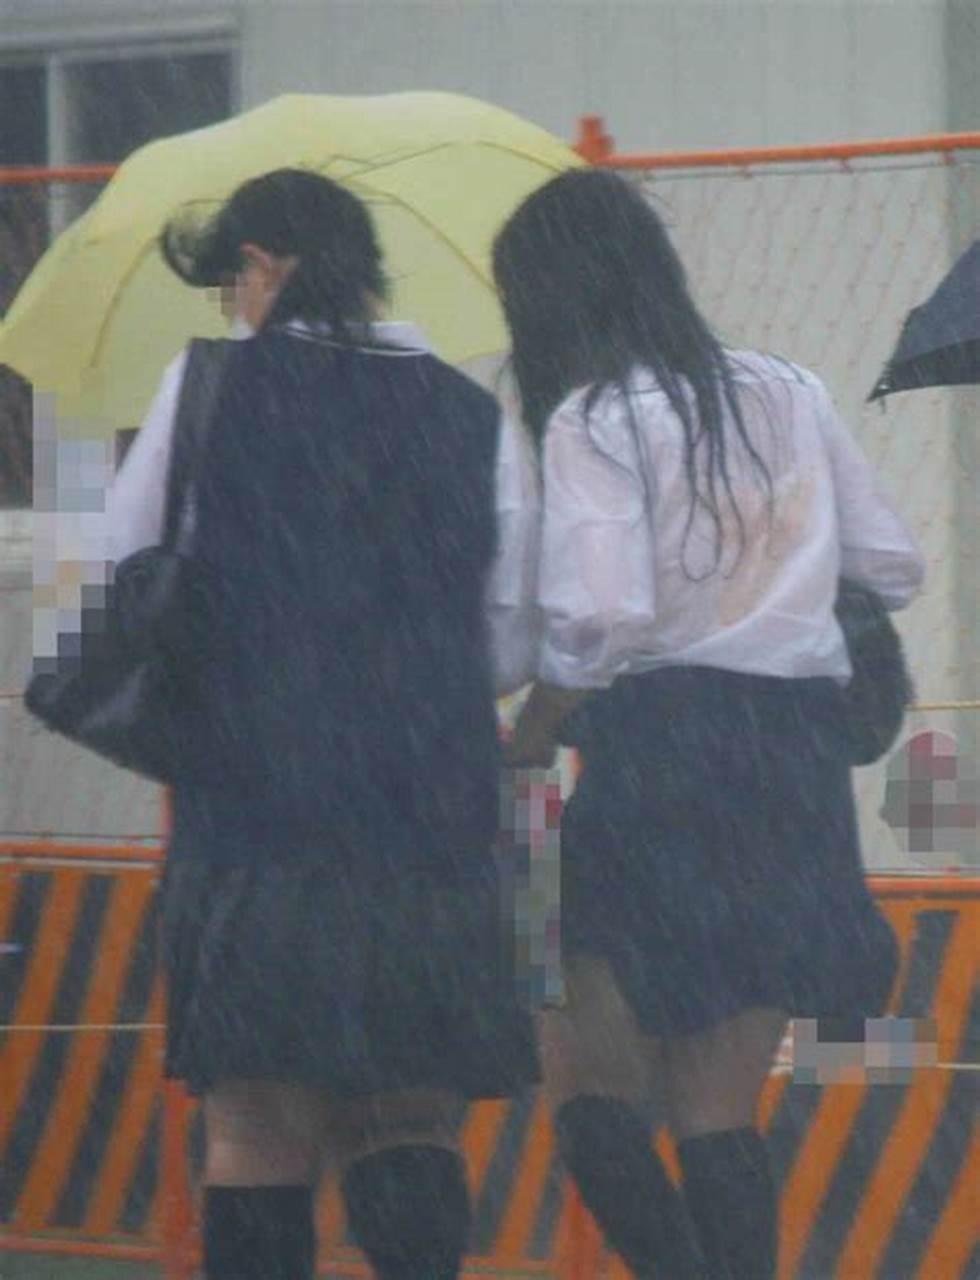 三次元 3次元 エロ画像 ずぶ濡れ 透け透け 女子校生 JK べっぴん娘通信 028